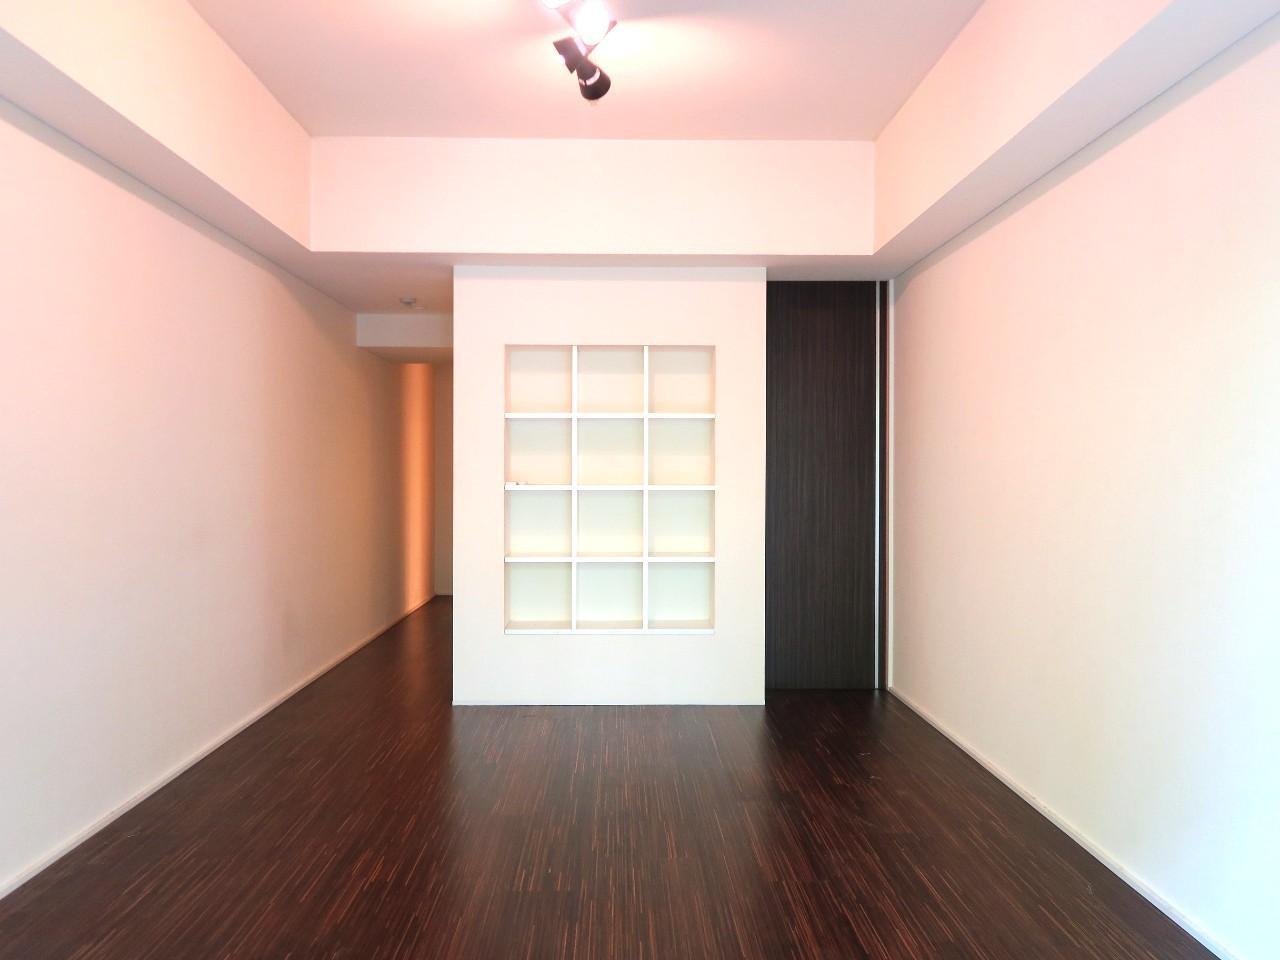 シックな色合いのお部屋にアクセントを加えているのは、壁の見せる収納、飾り棚ですね。大好きな小物をランダムに並べて、自分らしさを演出しちゃいましょ。